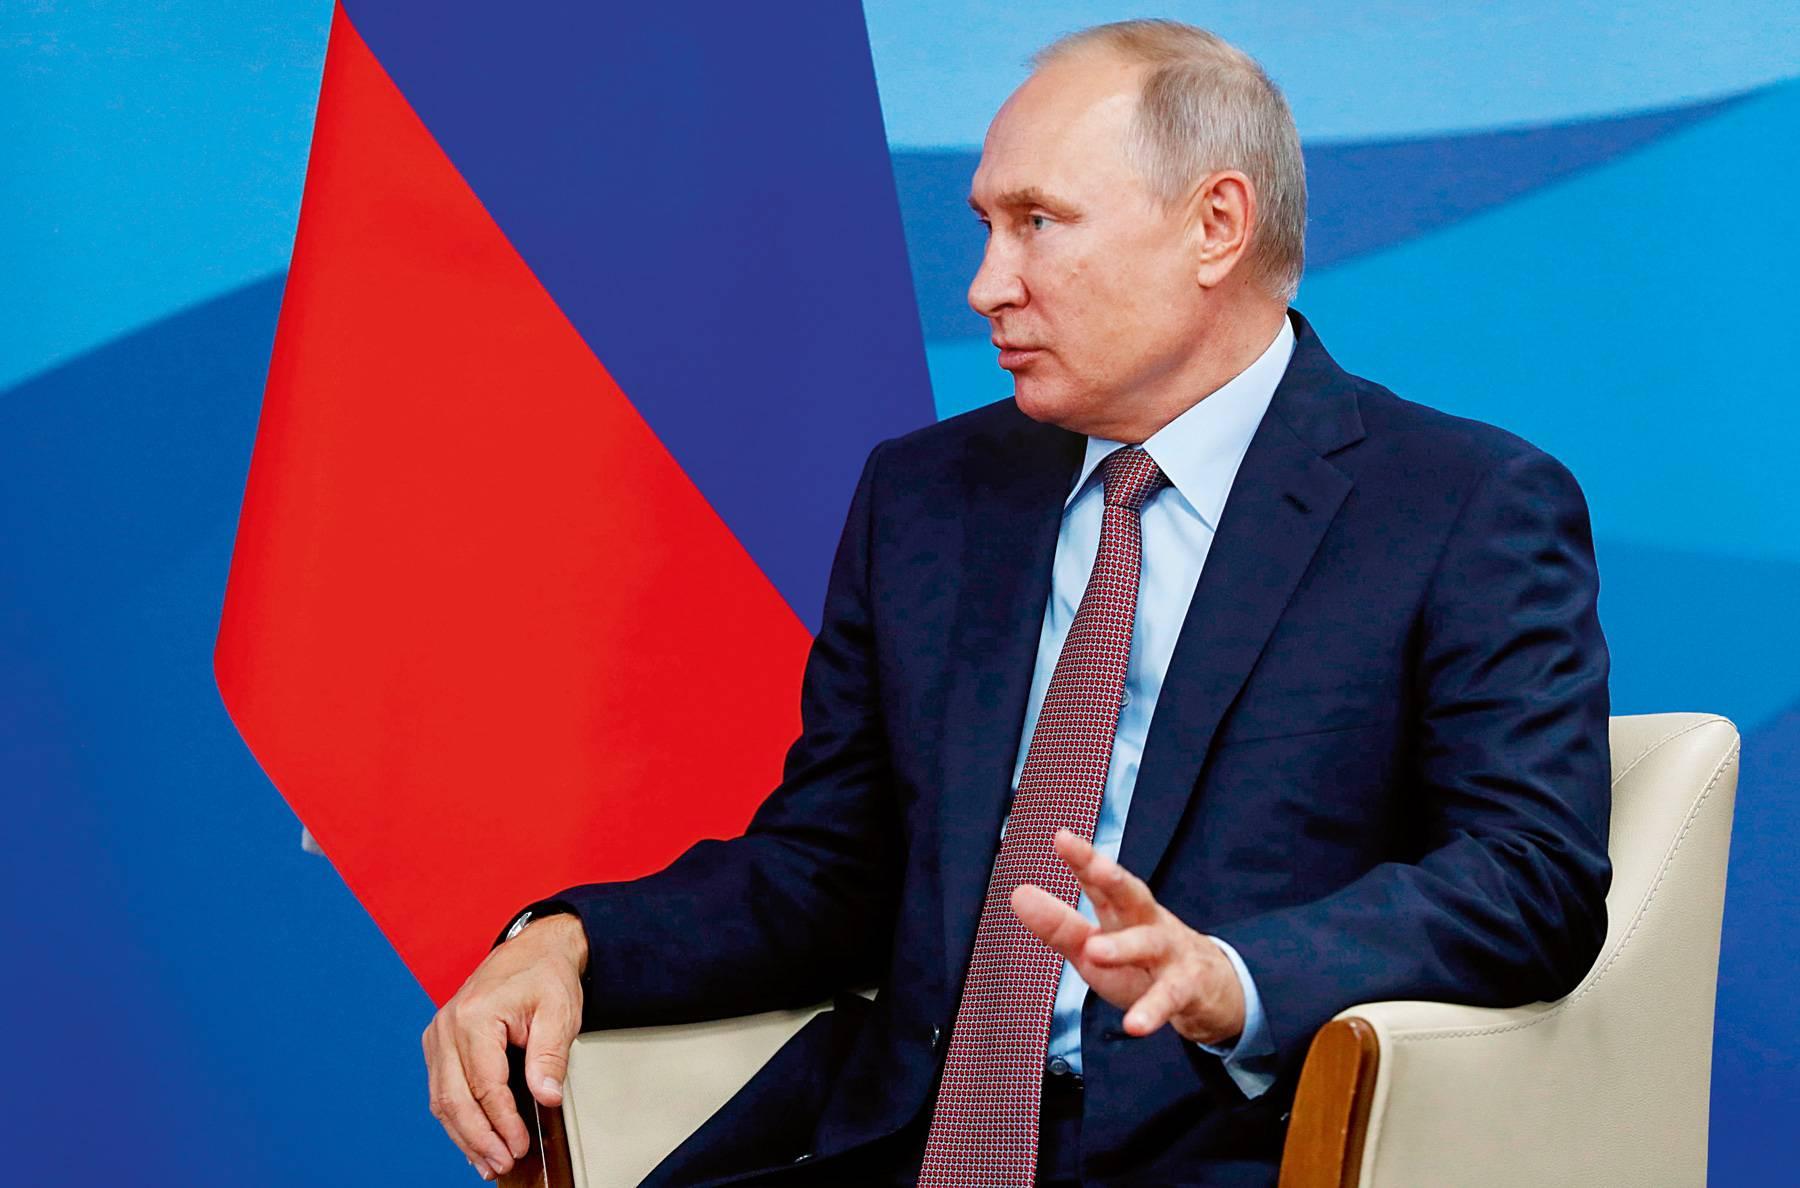 La Russie étend son contrôle à des secteurs stratégiques de l'économie syrienne